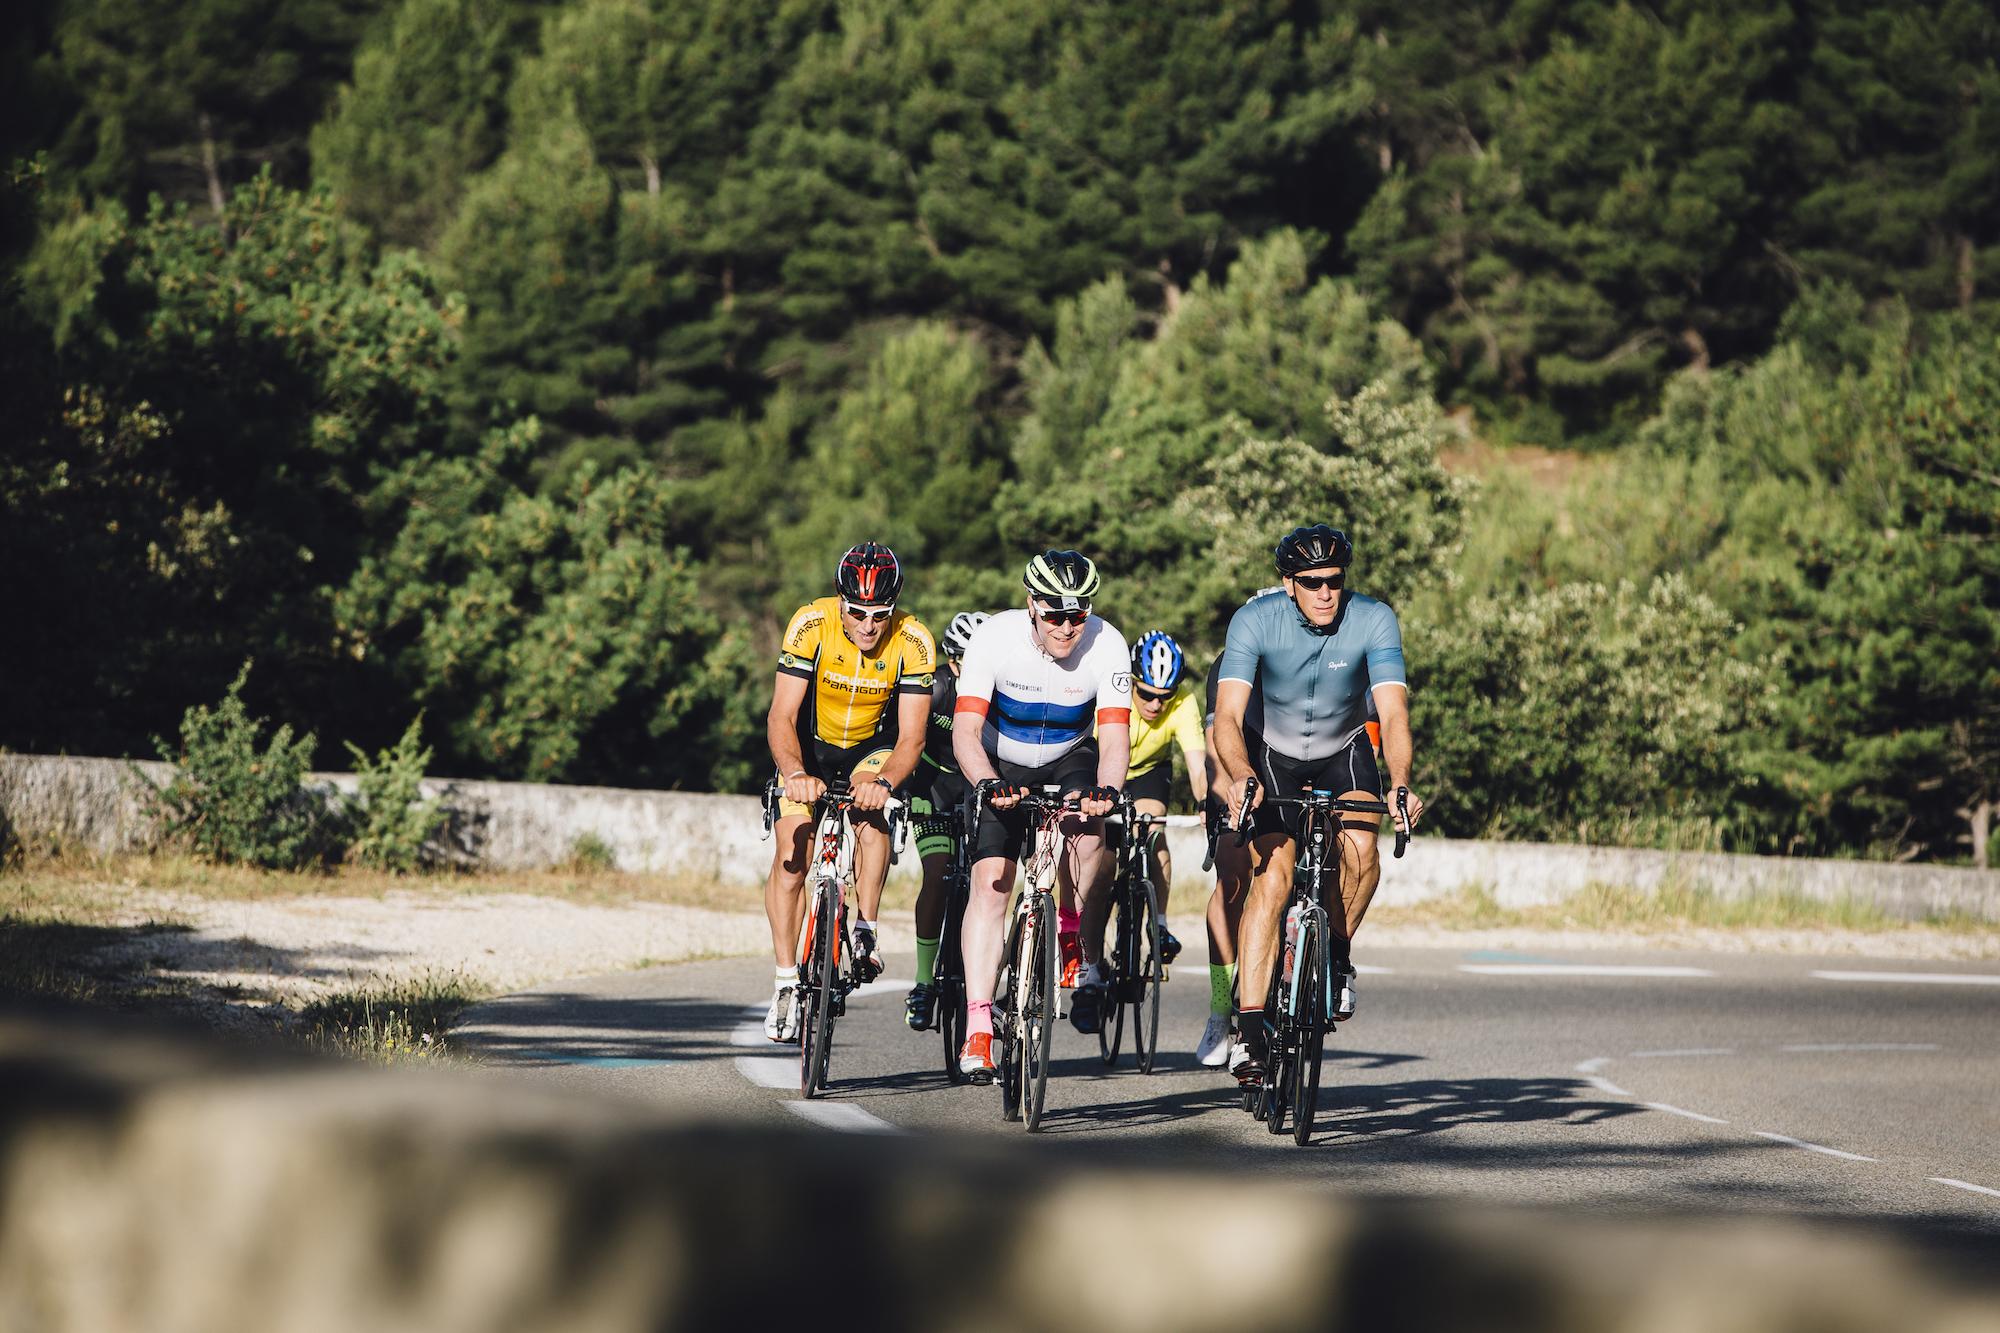 Como pedalar em grupo - fique relaxado para melhorar o manuseio